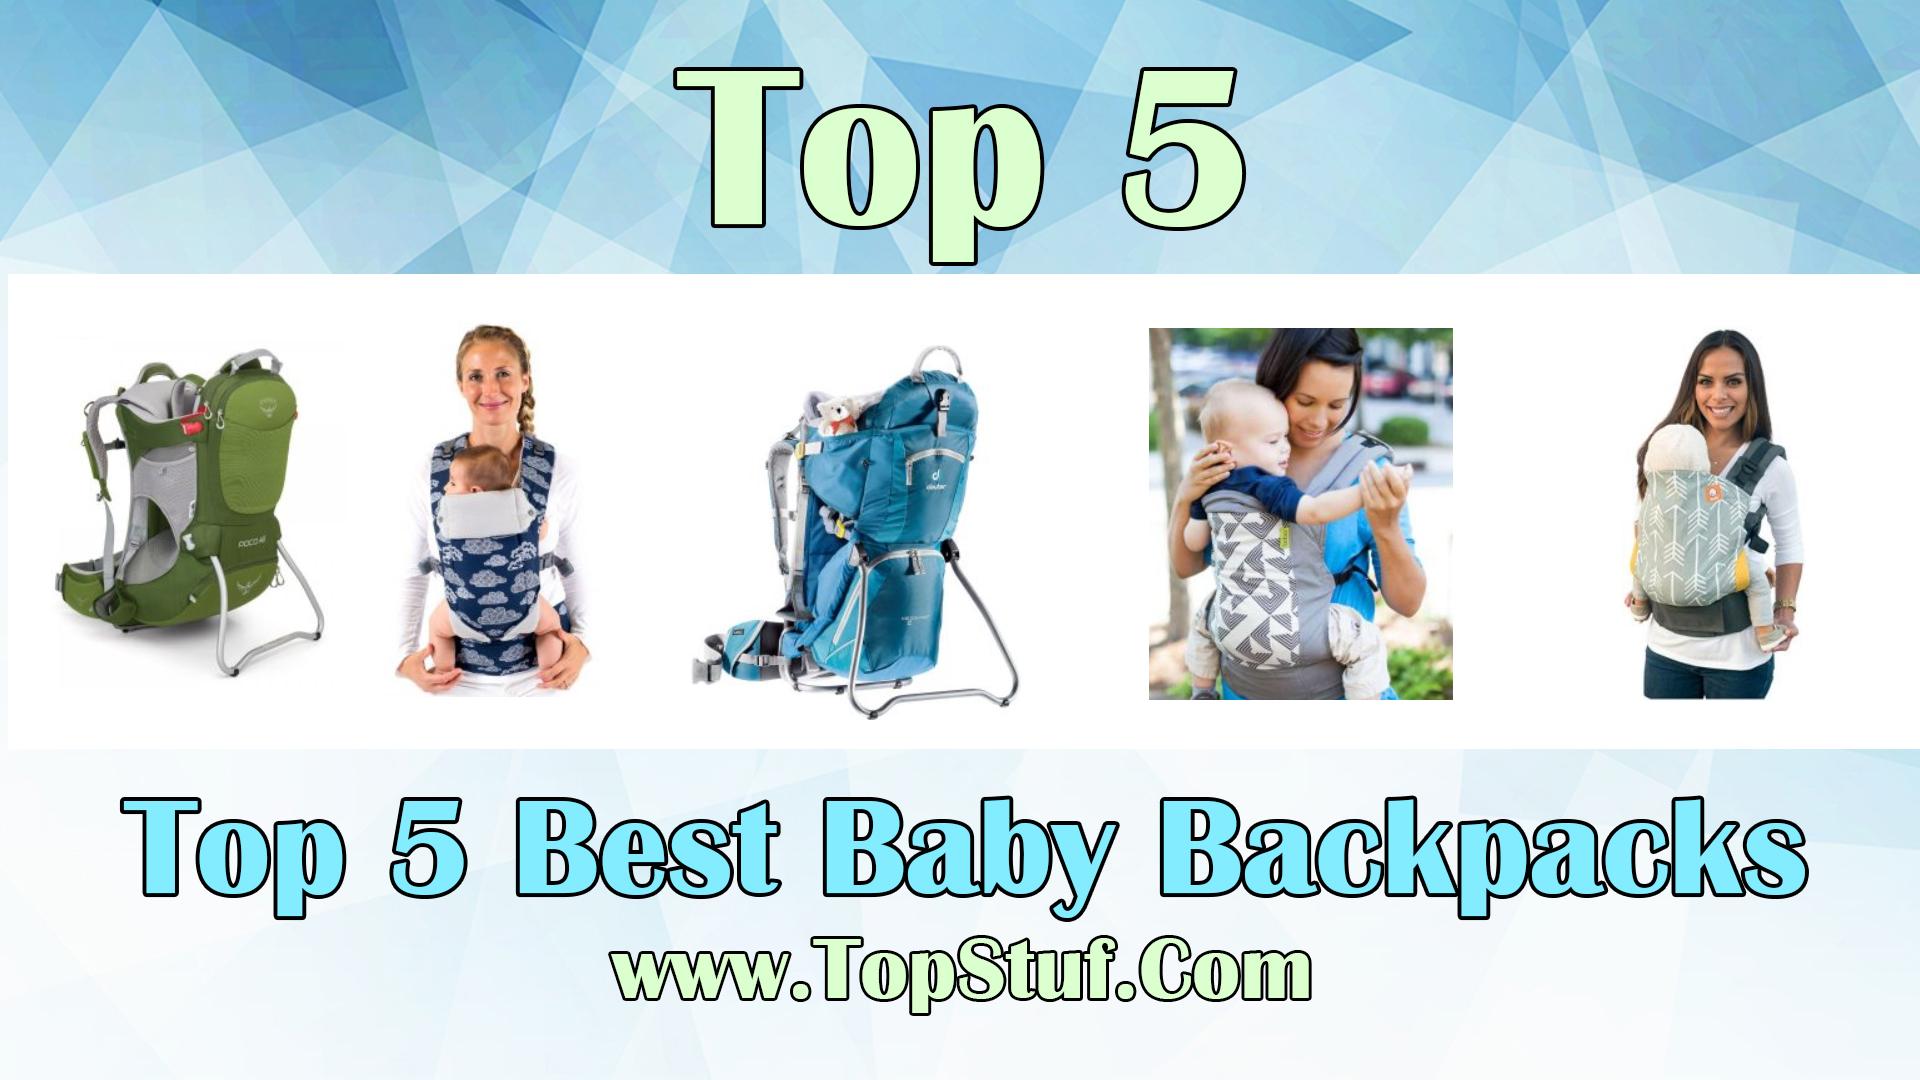 Top 5 Best Baby Backpacks